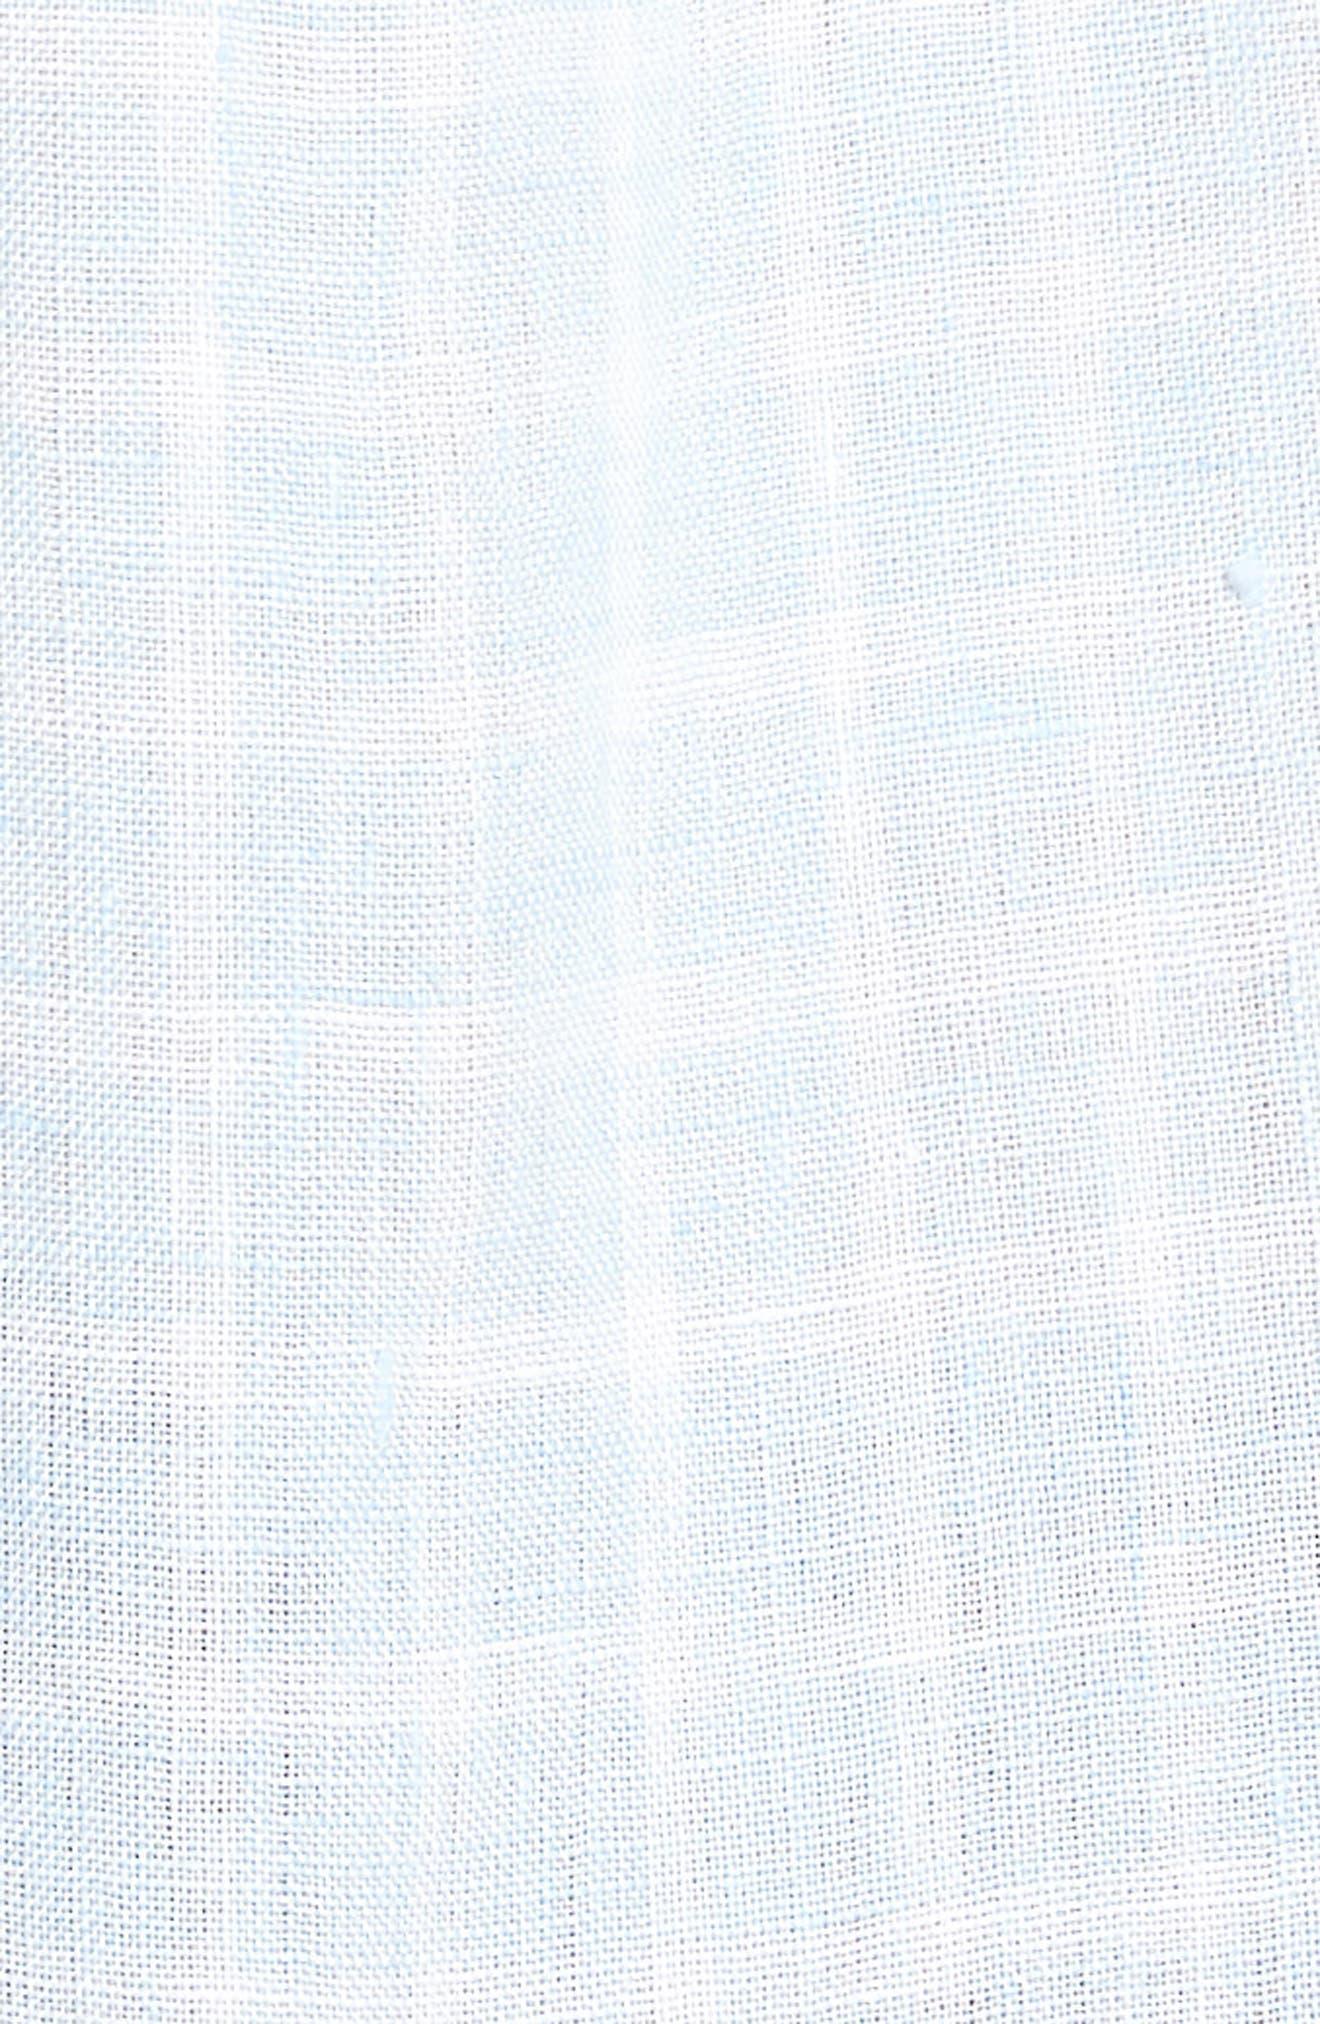 Avonside Check Linen Sport Shirt,                             Alternate thumbnail 3, color,                             Stonewash